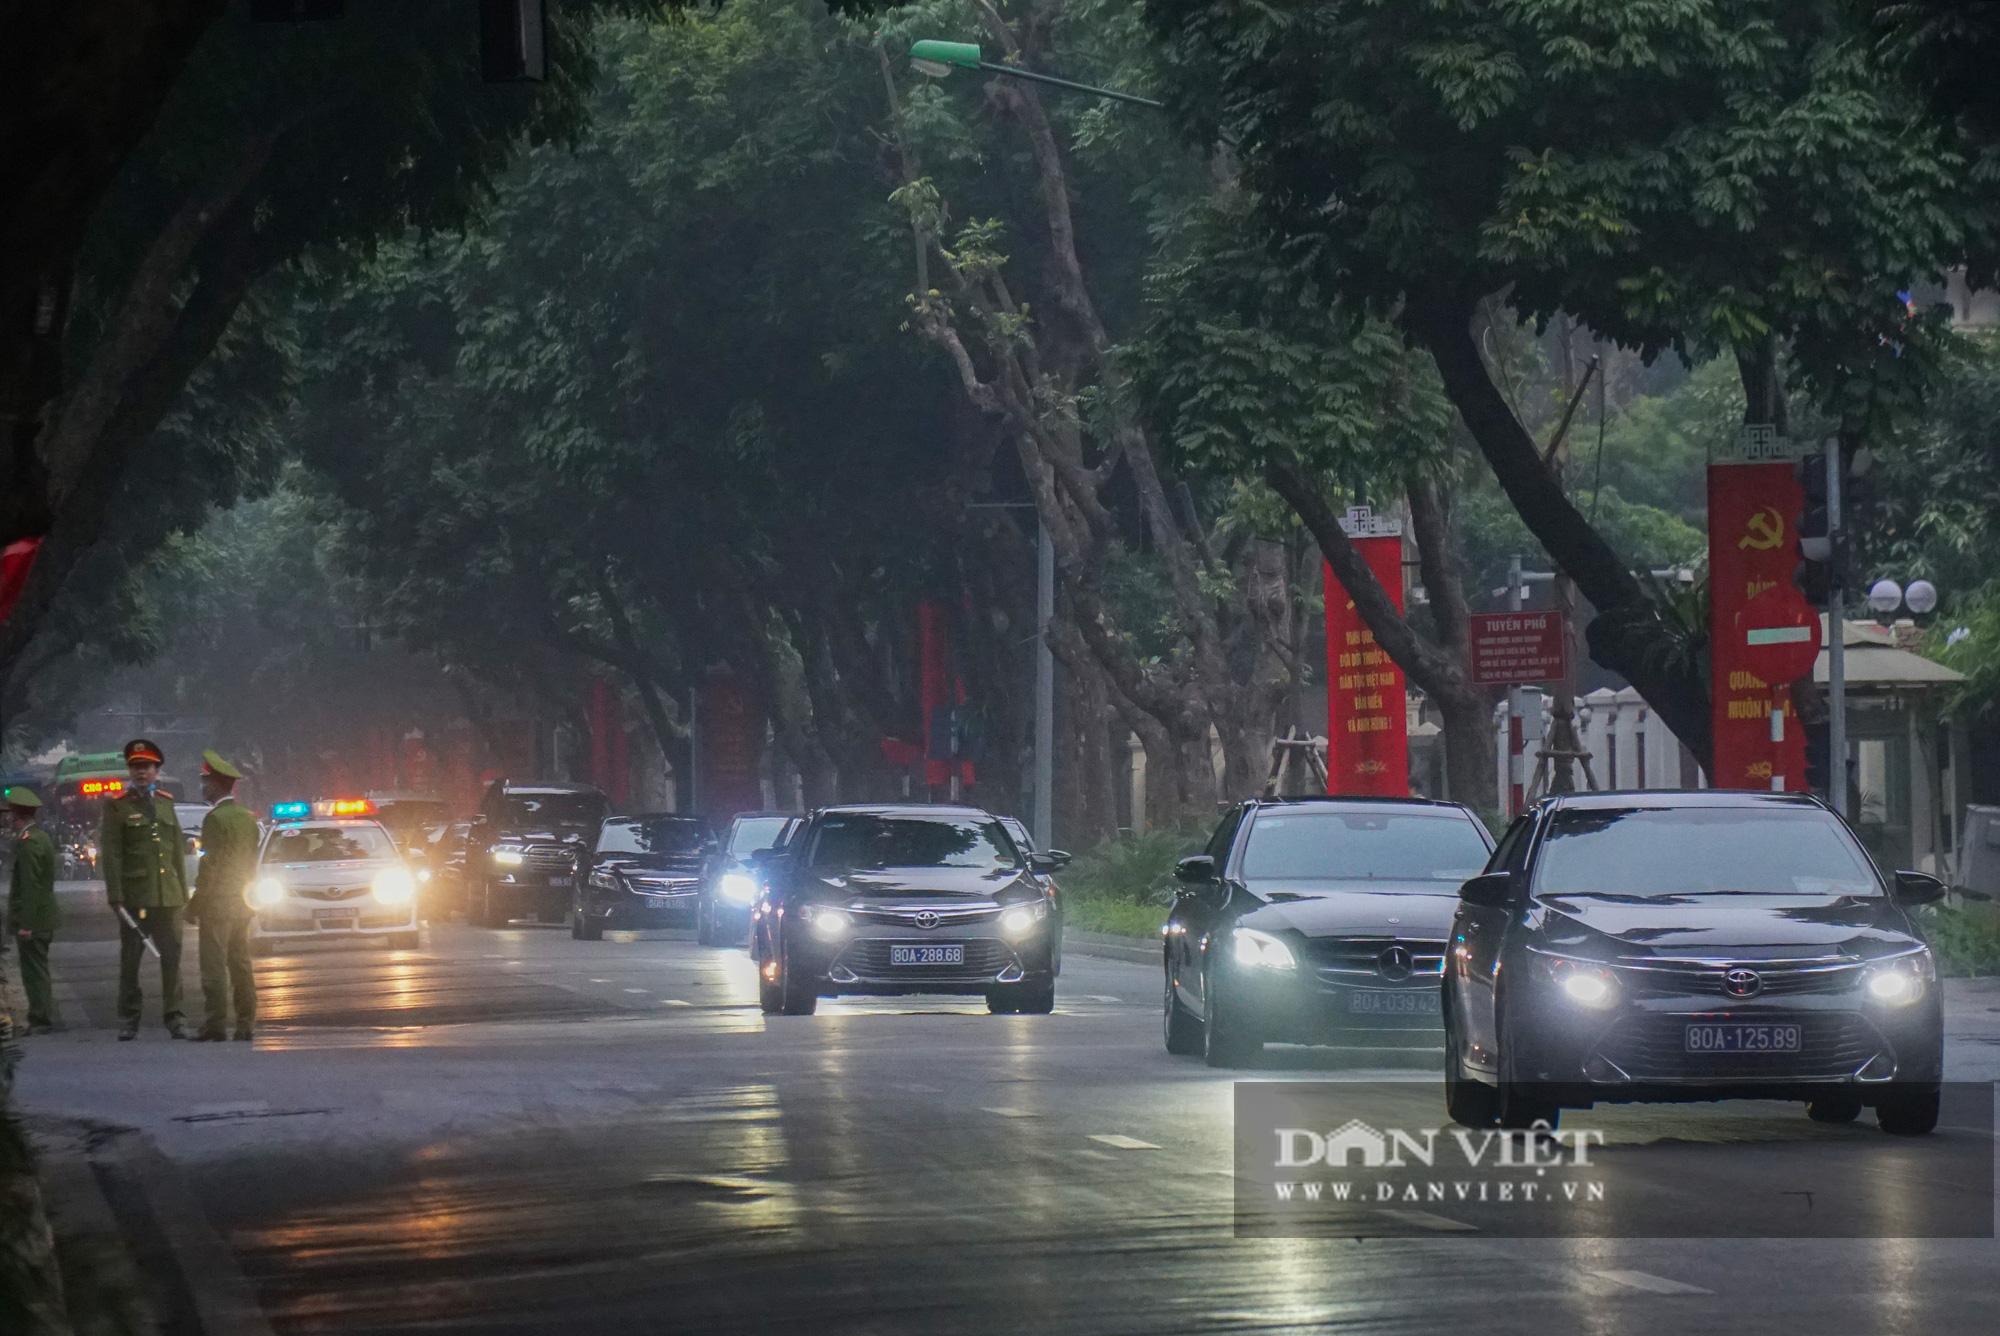 Hình ảnh đoàn xe đại biểu từ Lăng Bác về Trung tâm Hội nghị Quốc gia - Ảnh 10.